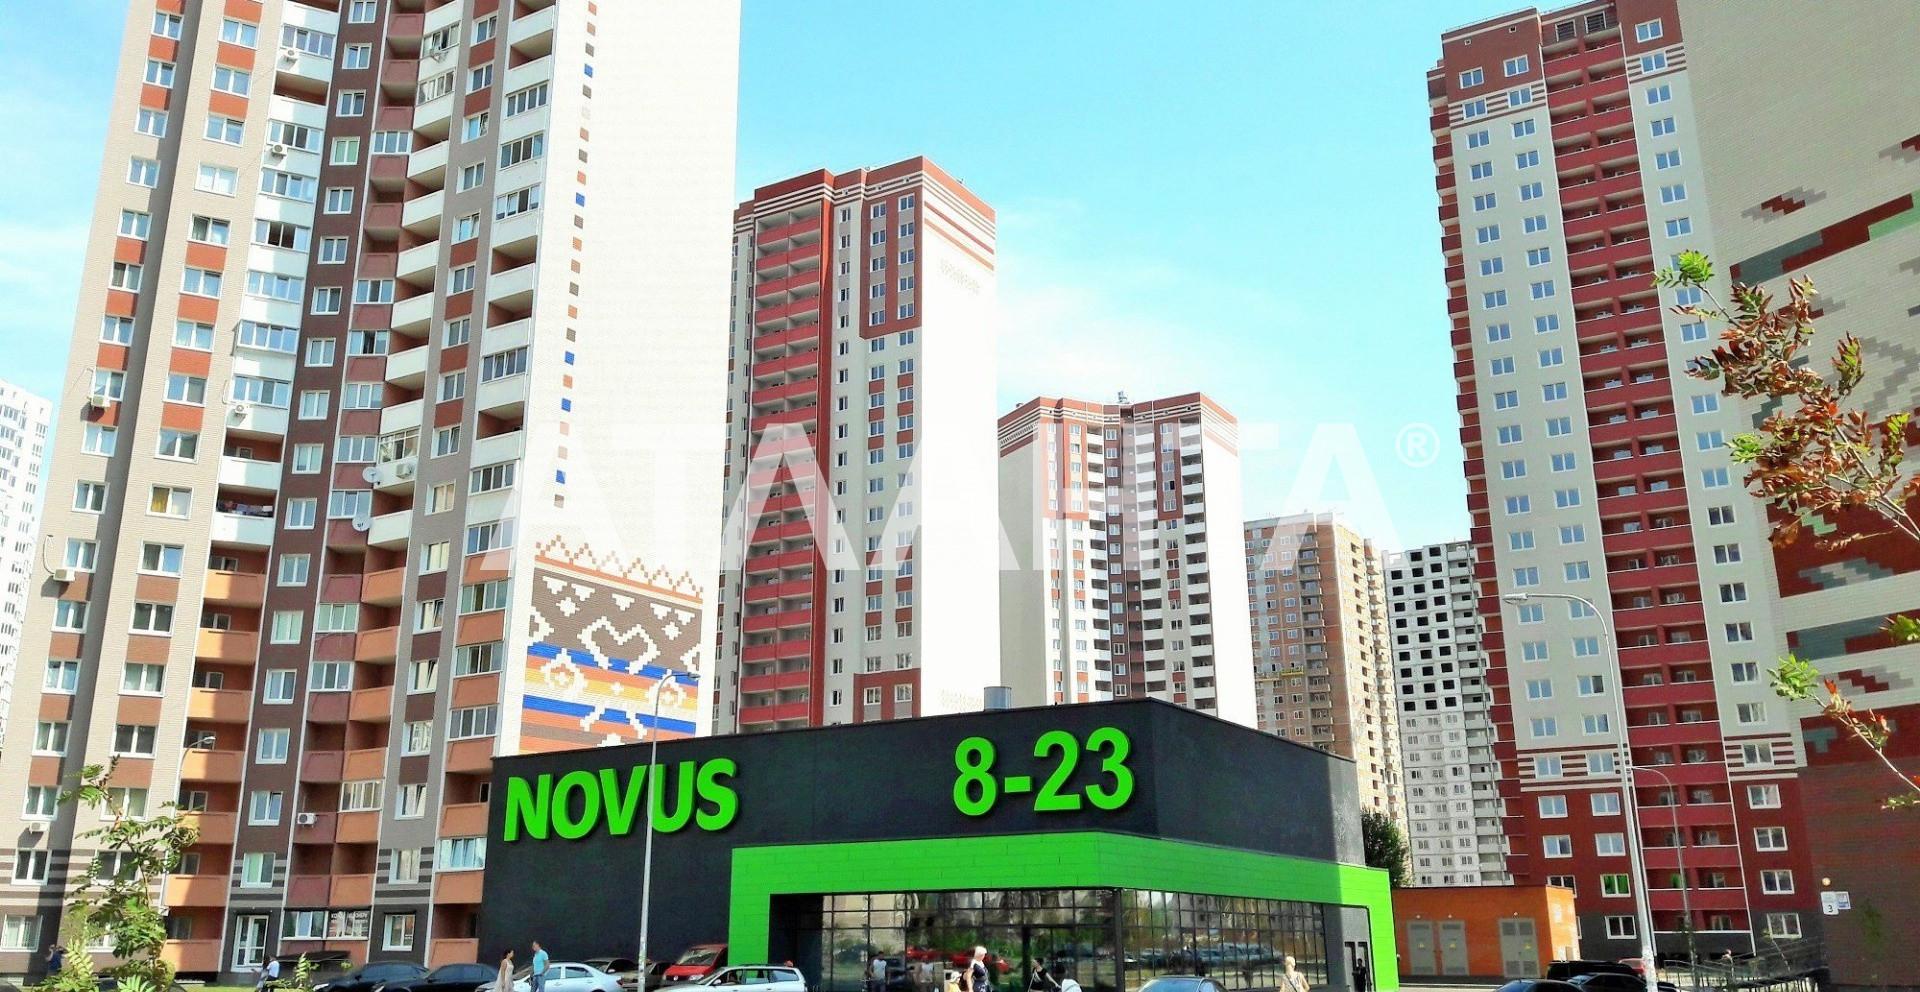 Продается 1-комнатная Квартира на ул. Русовой — 48 000 у.е. (фото №12)